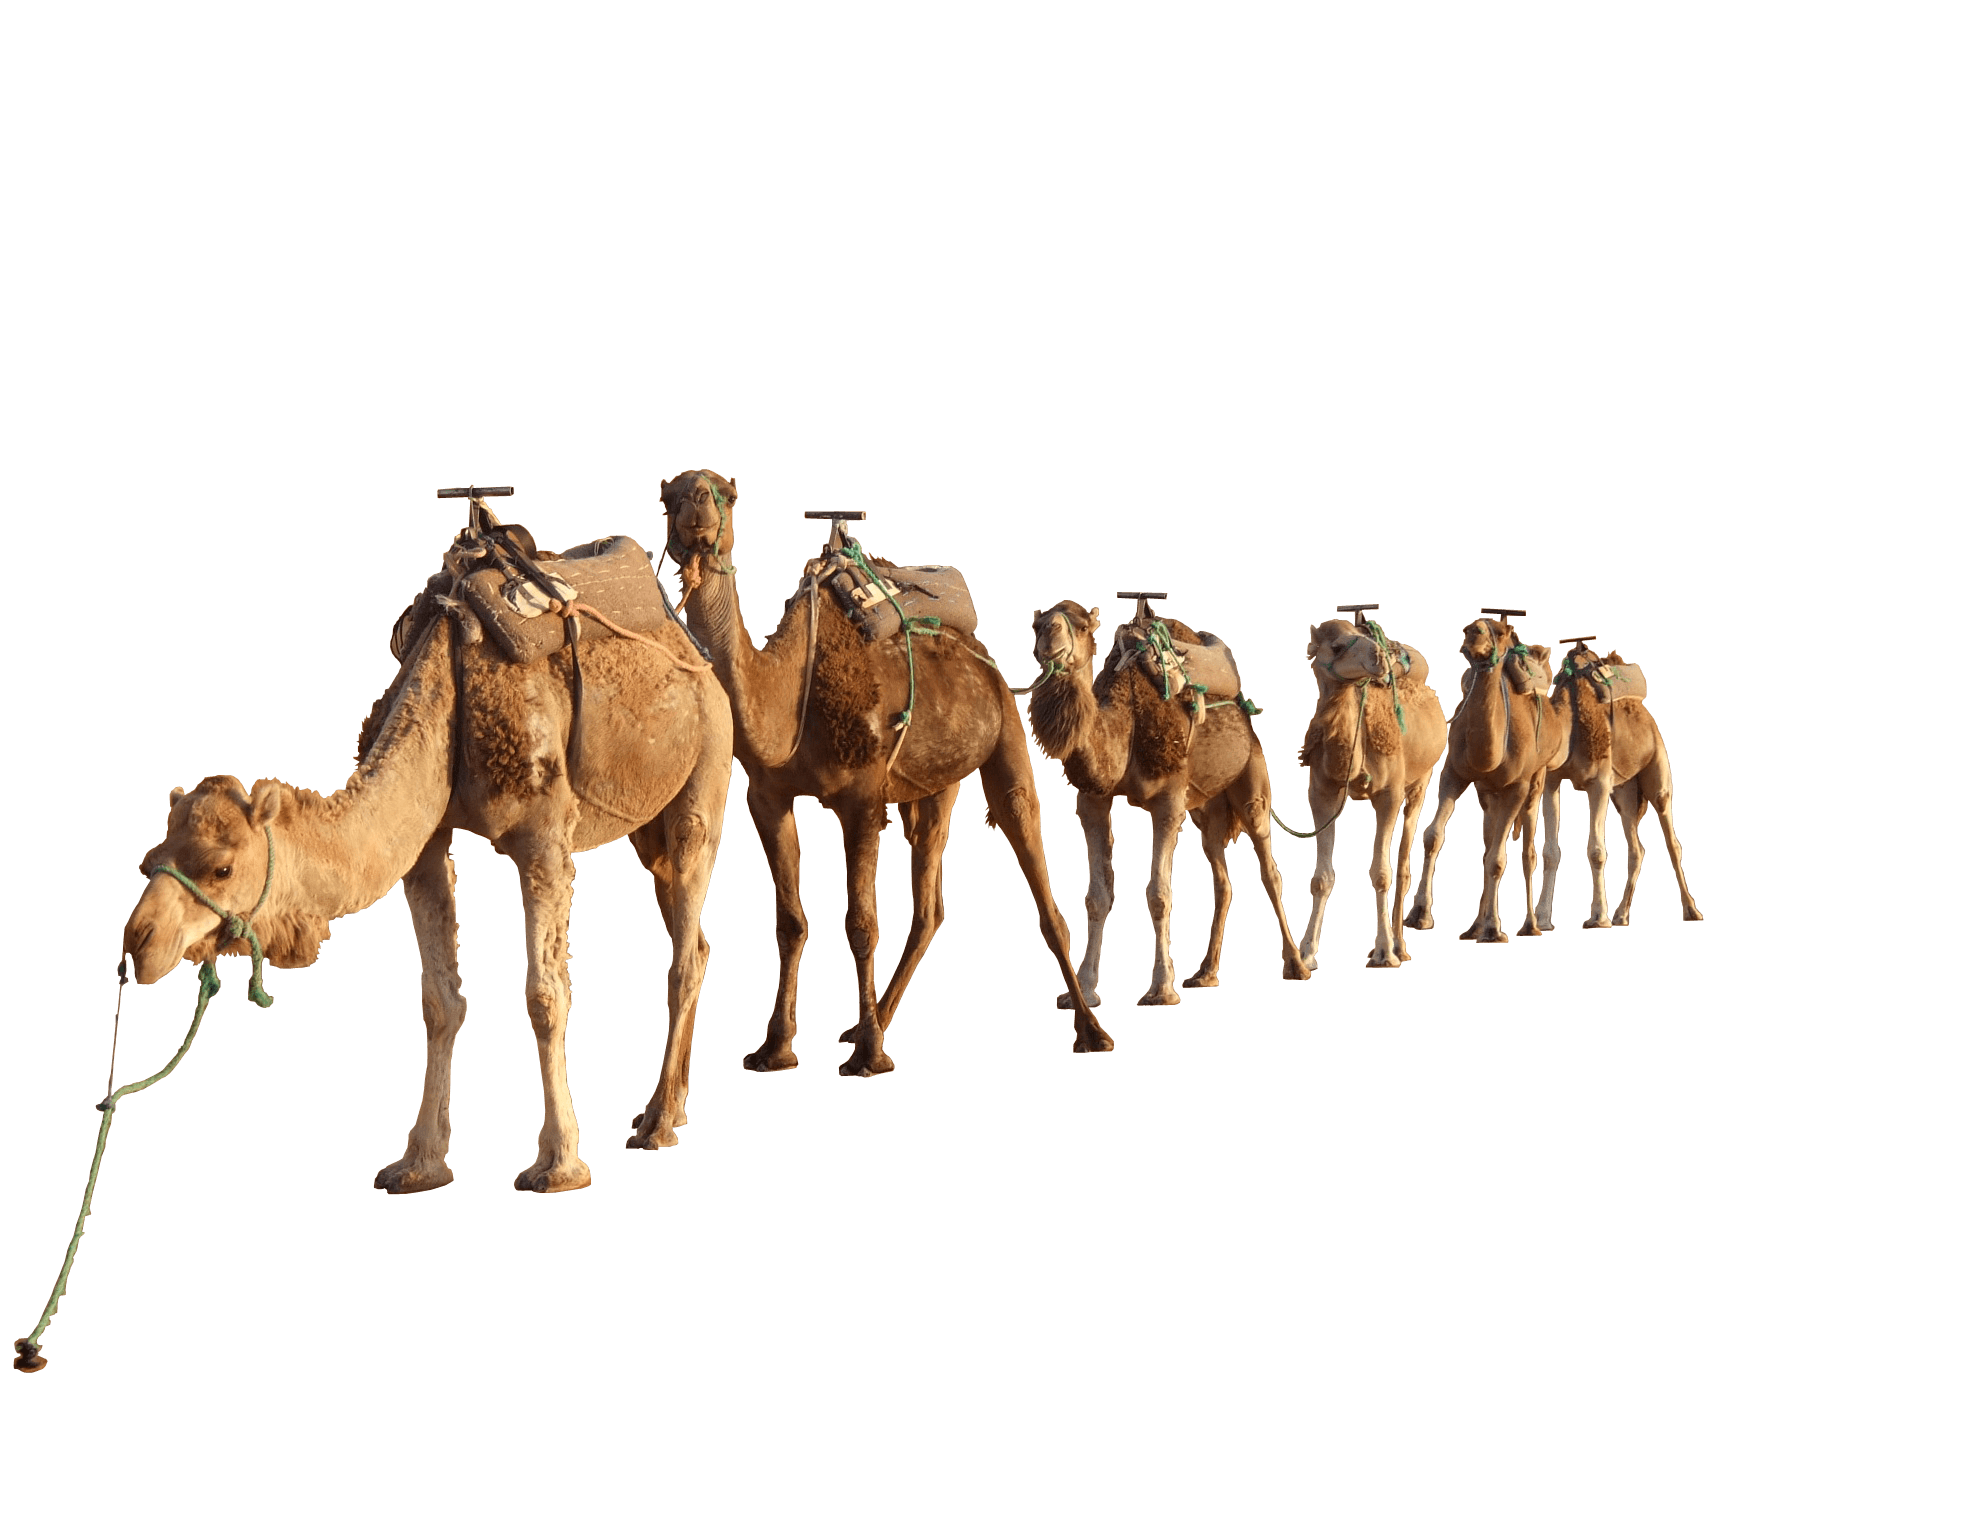 Camel Group - Desert Camel PNG